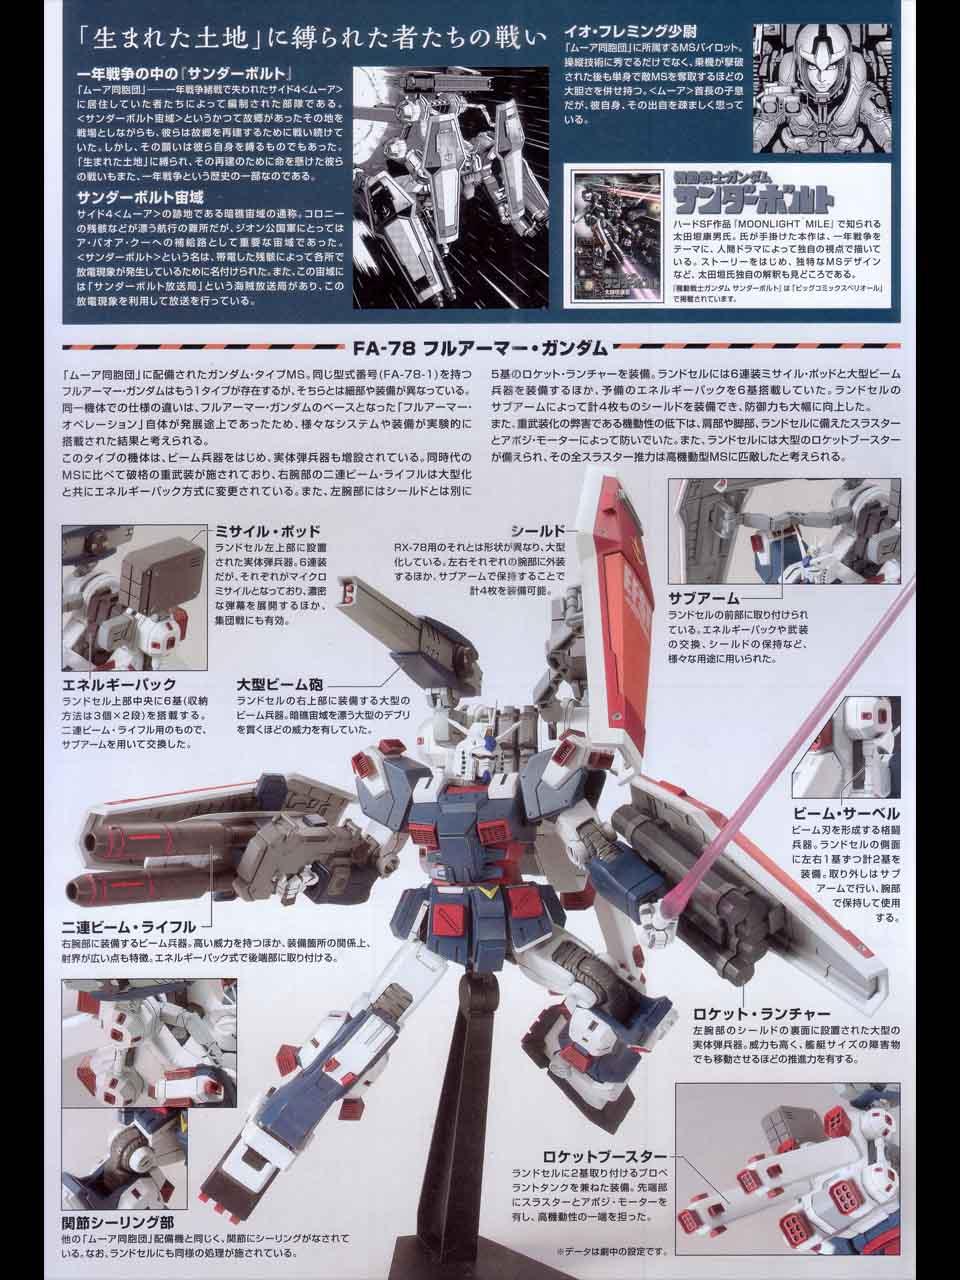 HGGT_FA_78_Fullarmor_gundam_Thunderbolt_ver_11.jpg